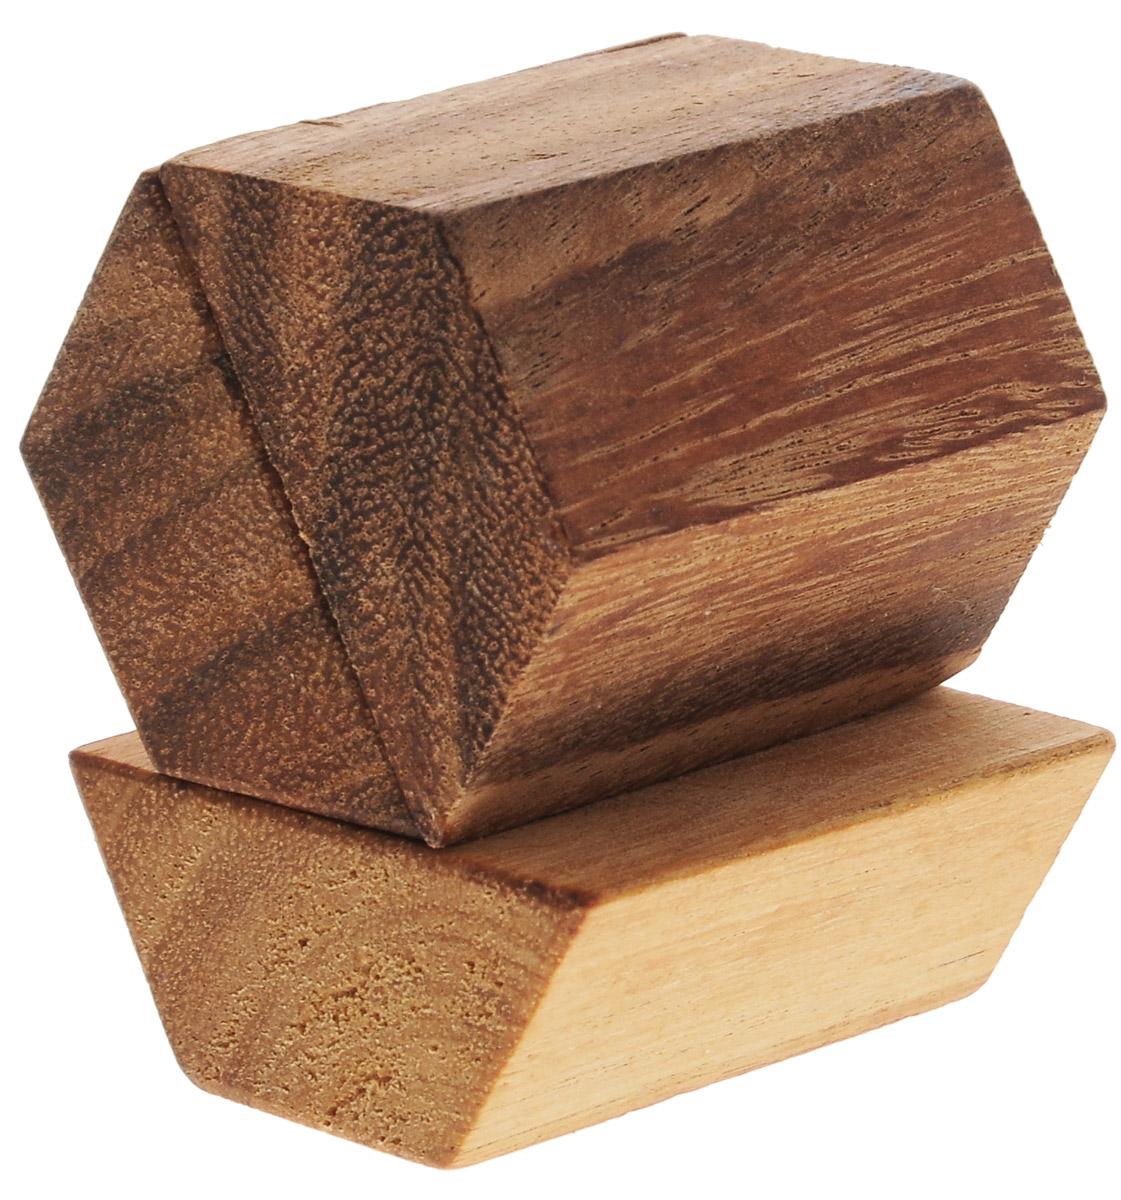 Dilemma Головоломка Пирамида 3 элементаIQ503Головоломка Dilemma Пирамида, выполненная из дерева, станет отличным подарком всем любителям головоломок! Изделие состоит из трех одинаковых деревянных элементов. Попробуйте собрать пирамиду. Если слишком сложно, то вы можете воспользоваться подсказкой из предложенного решения. Рассчитана головоломка на одного игрока. Головоломка Dilemma Пирамида стимулирует логику, пространственное мышление и мелкую моторику рук.